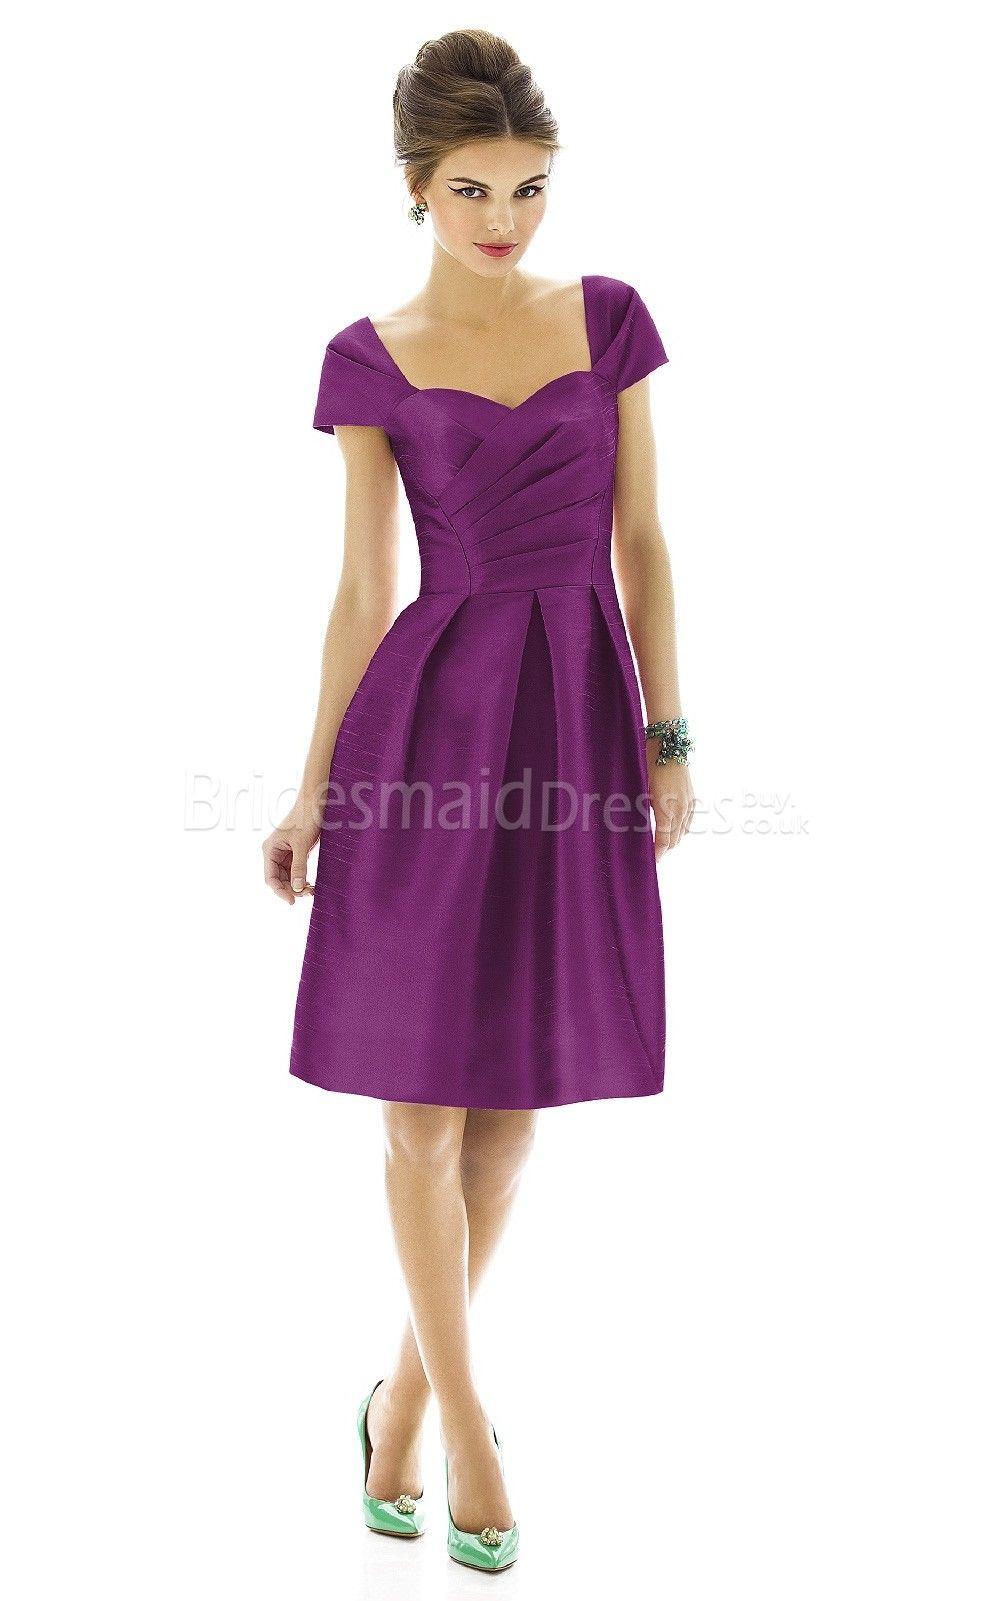 Purple bridesmaid dressesshort purple bridesmaid dresses a purple bridesmaid dressesshort purple bridesmaid dresses ombrellifo Choice Image